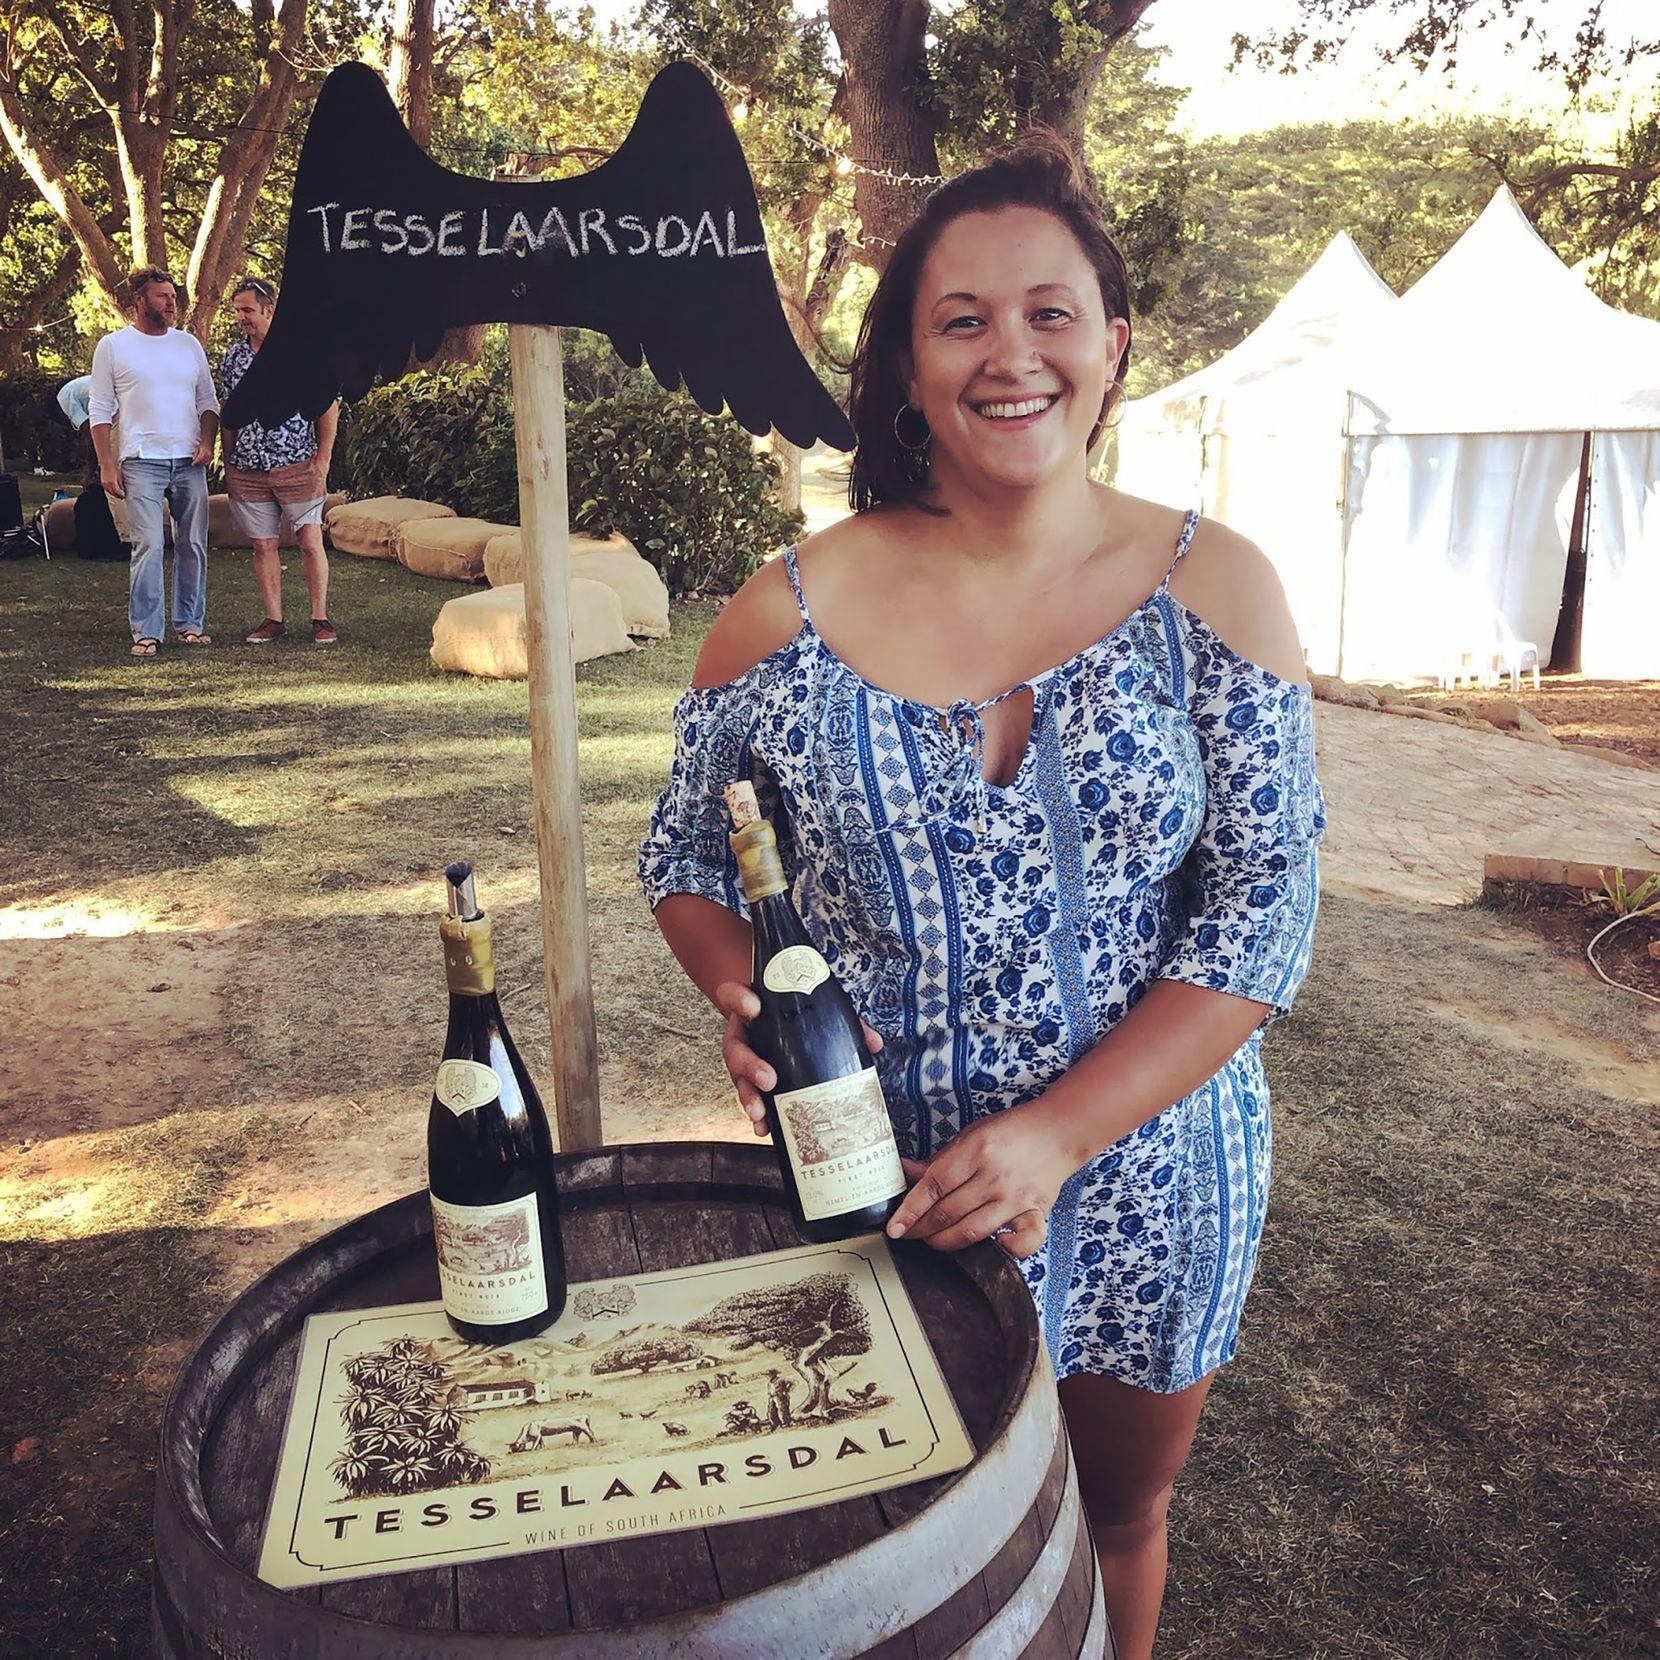 Berene Sauls is owner of Tesselaarsdal wines in South Africa.